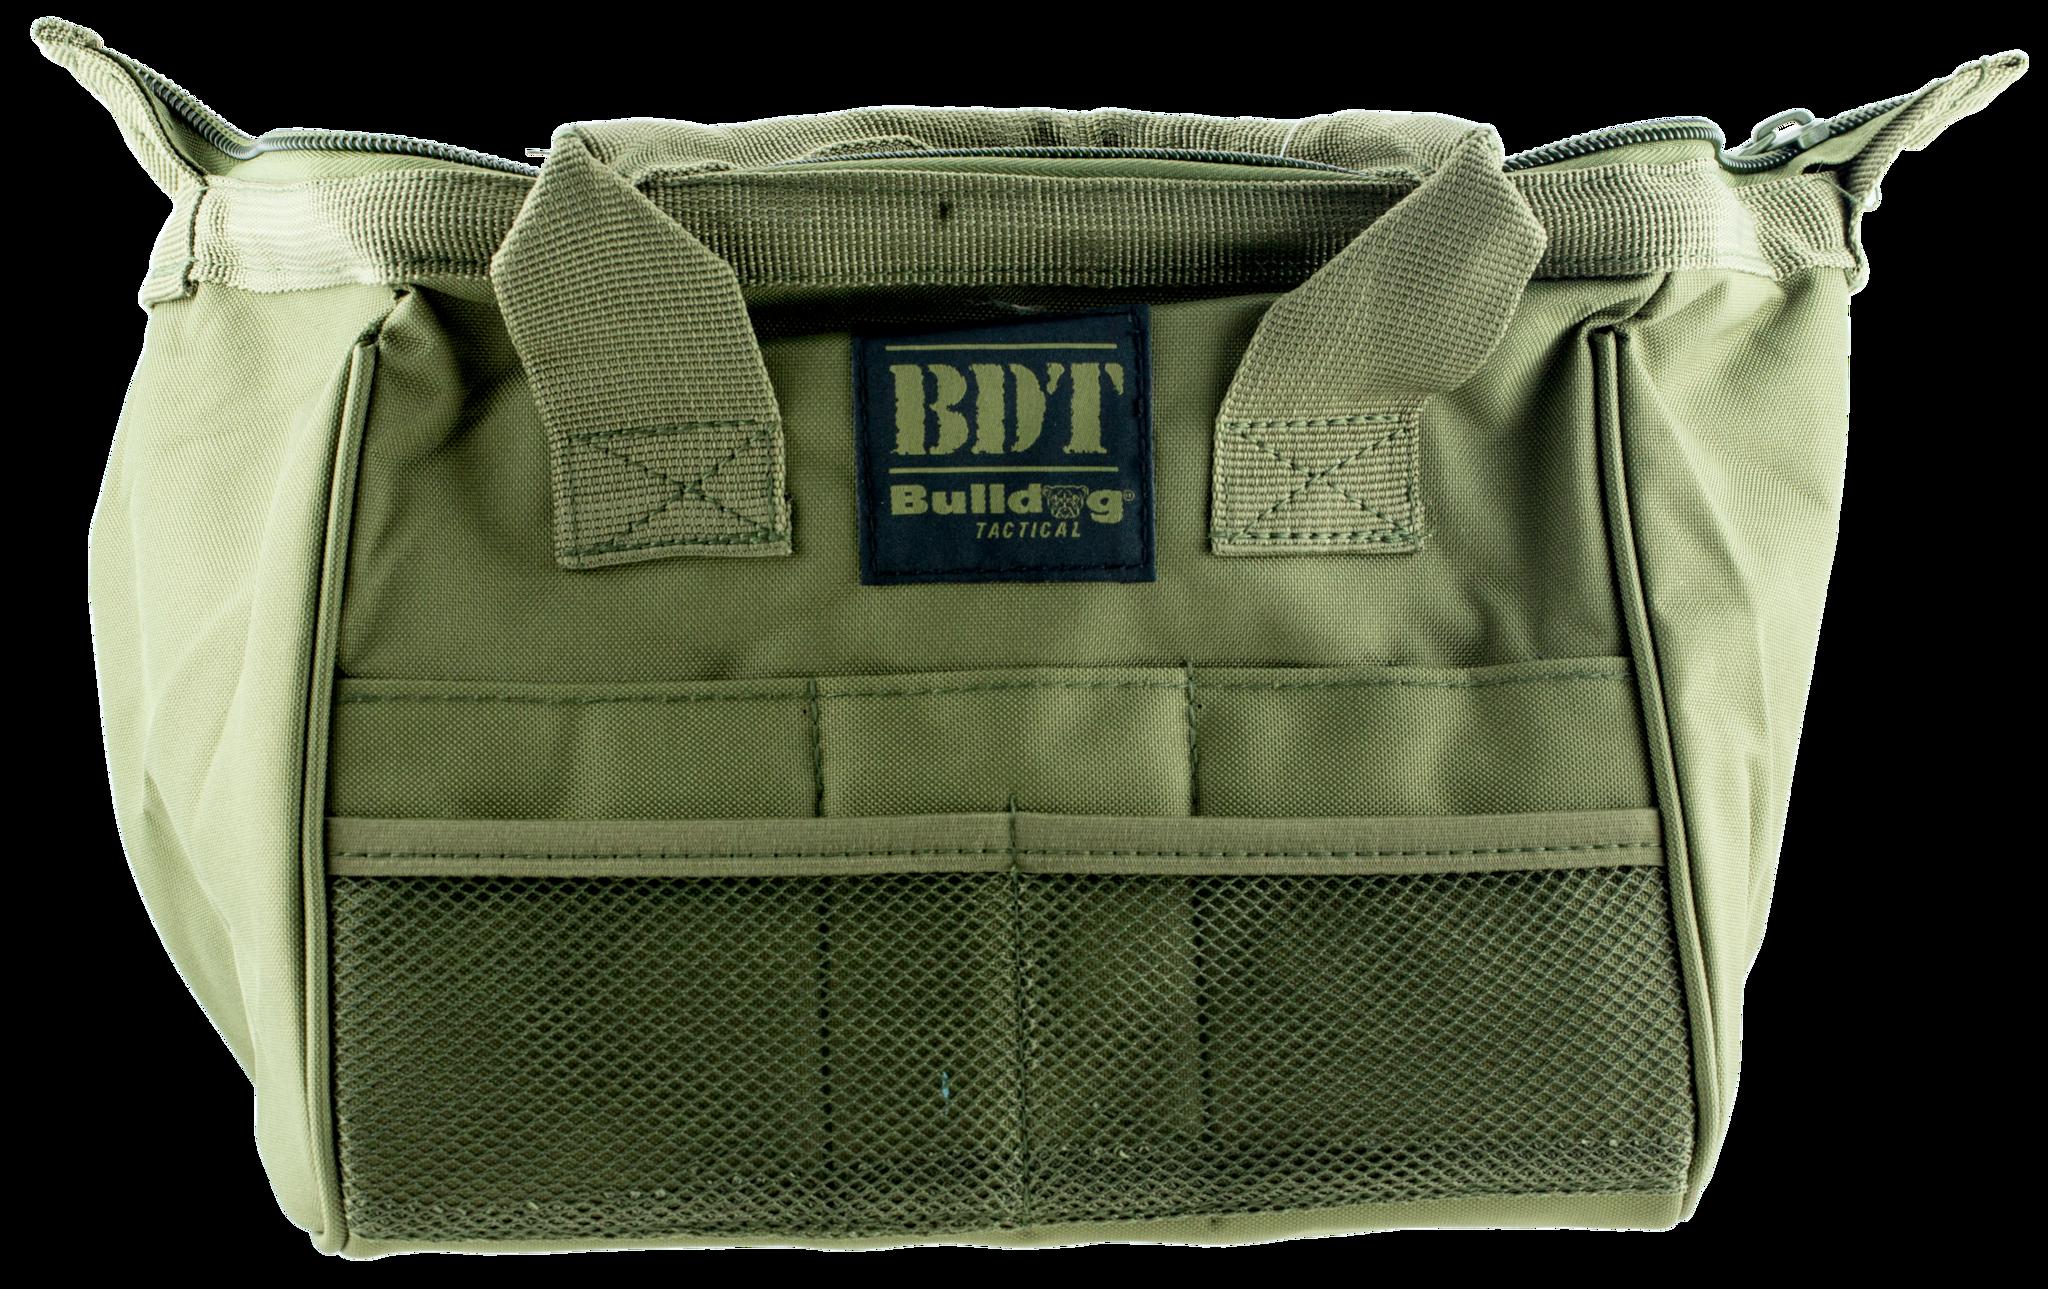 BULLDOG BDT Tactical